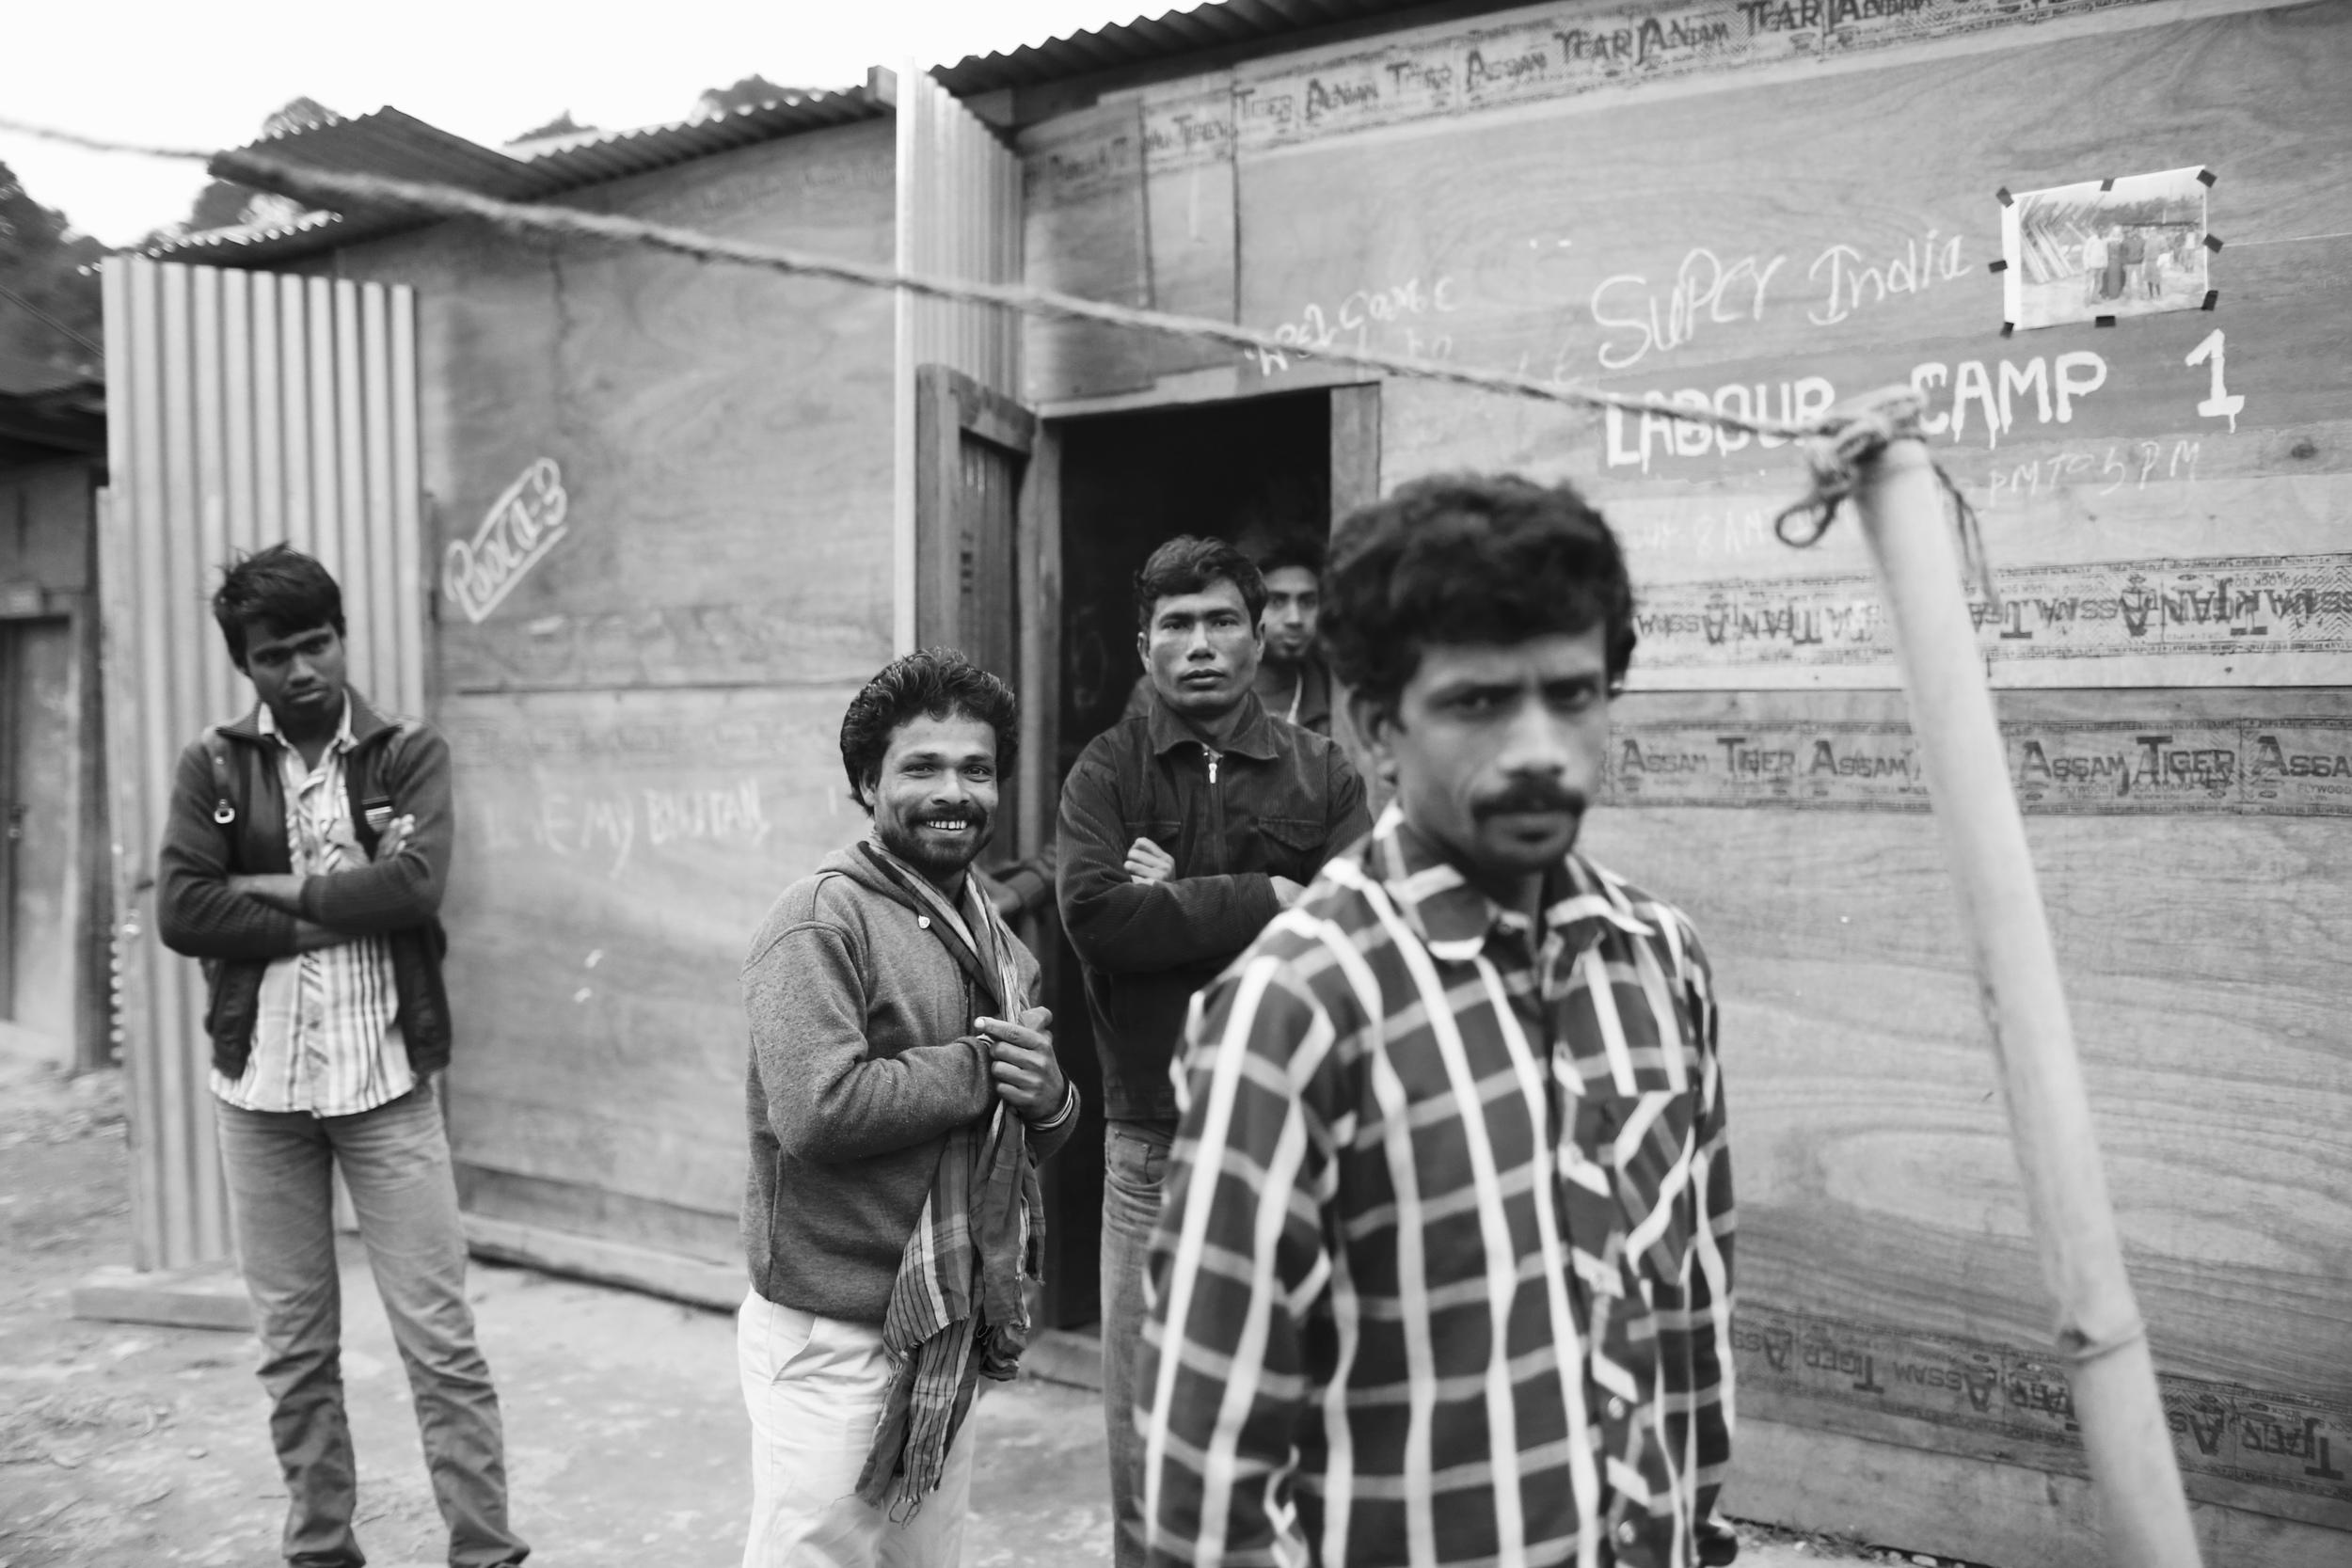 indian_labor_bhutan_03_poussot